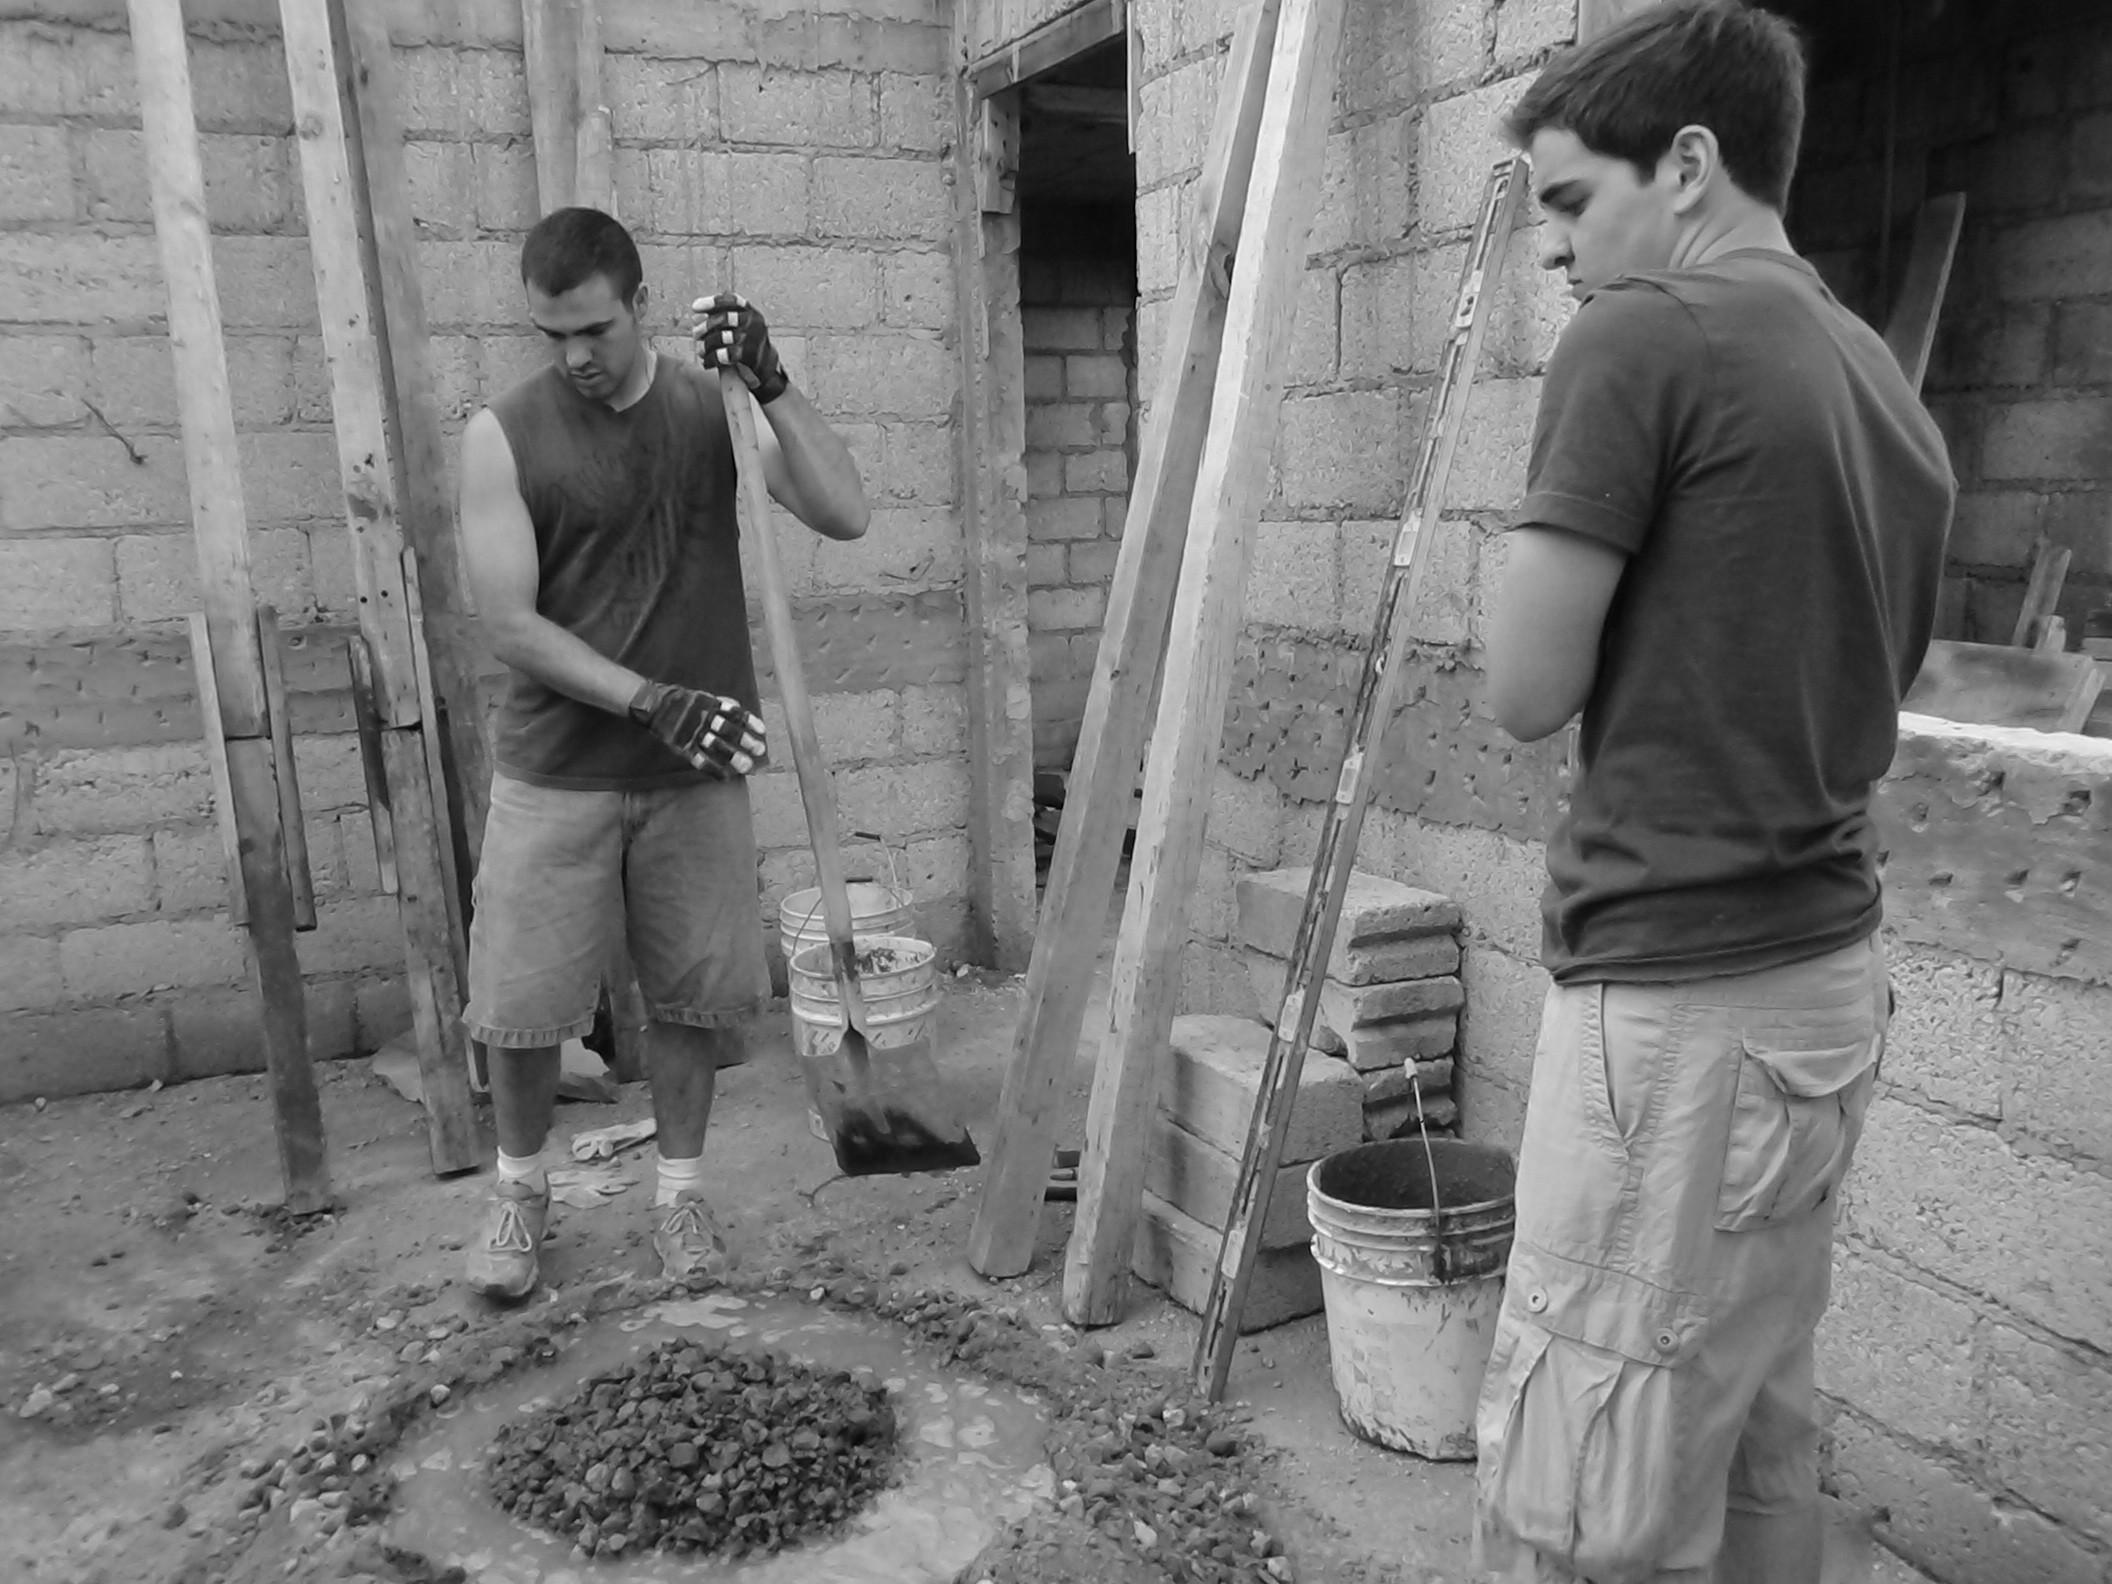 mission team5 cement pour_ 6_25.jpg